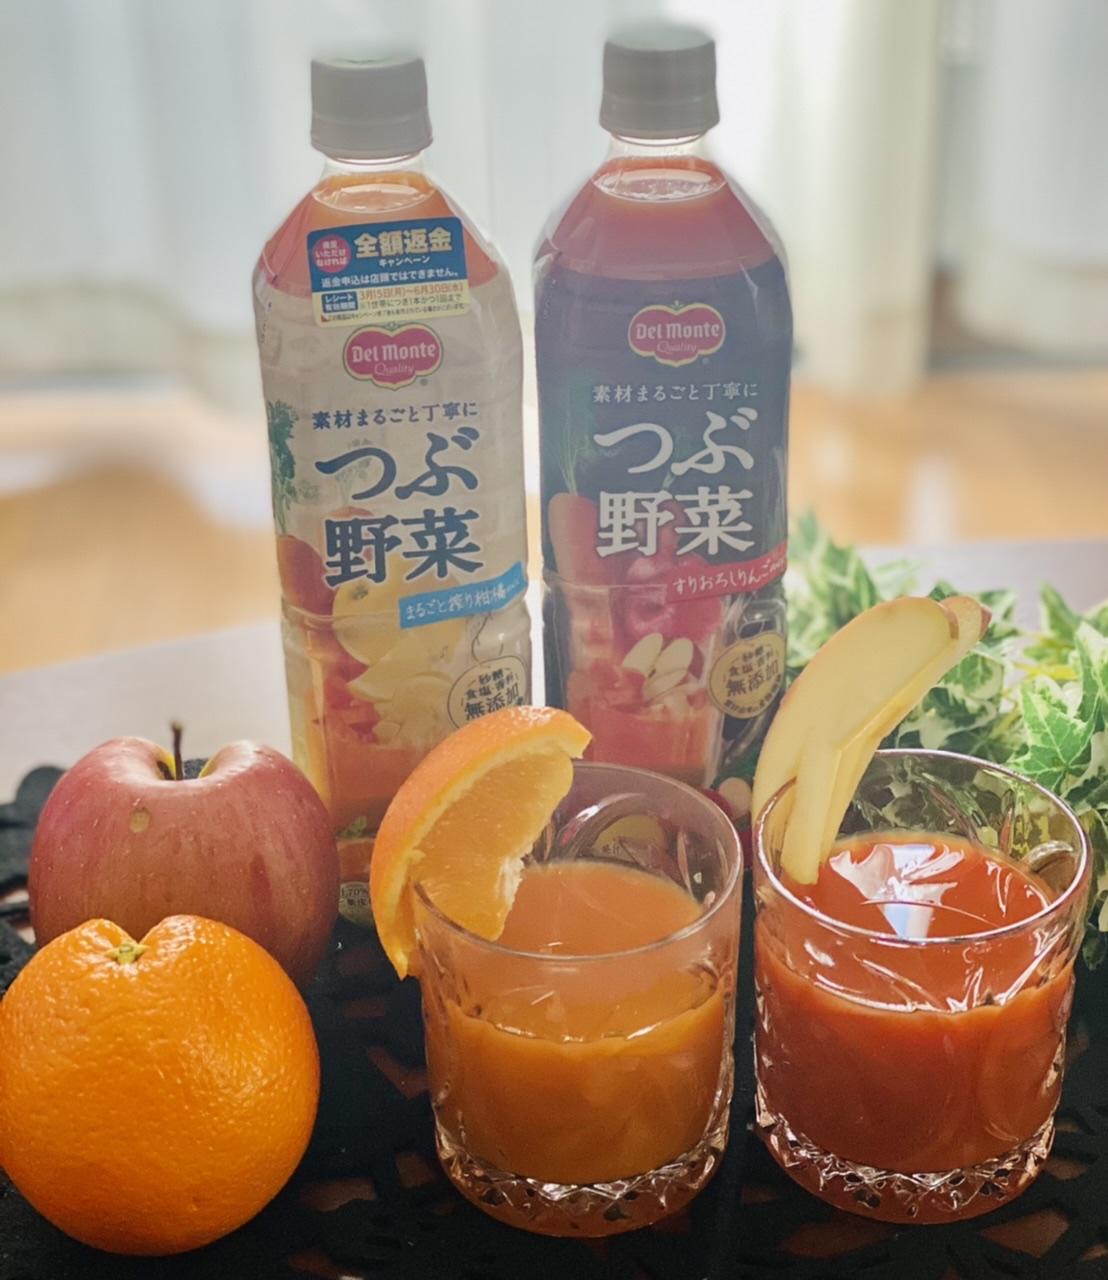 【つぶ野菜】まるでスムージー!つぶつぶ食感が最高♡ 砂糖不使用《野菜ジュース》_2